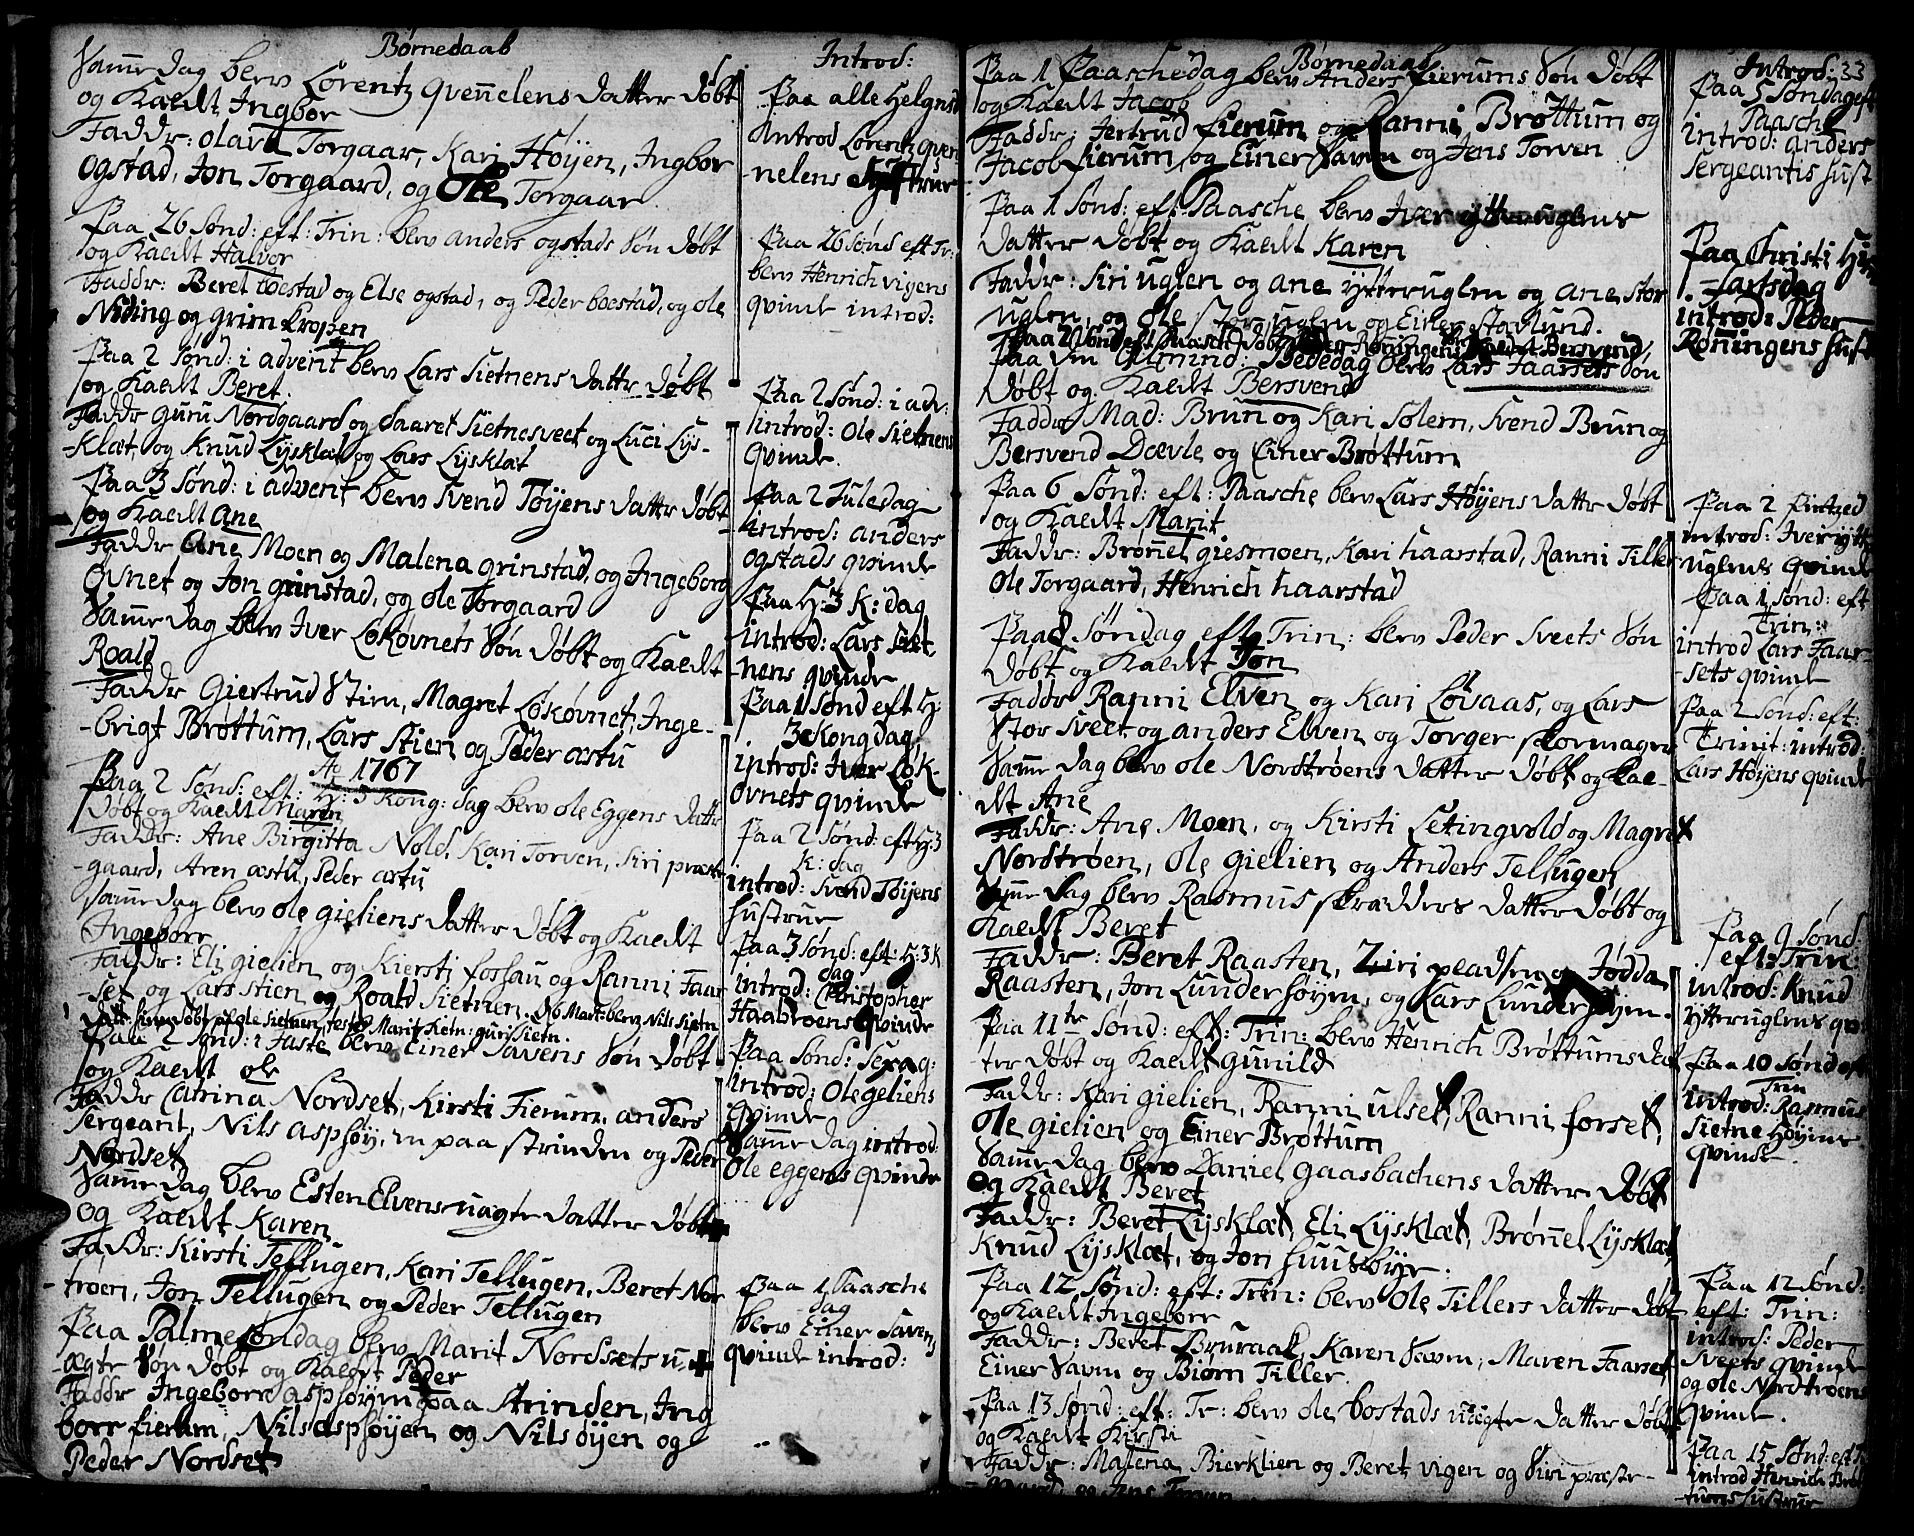 SAT, Ministerialprotokoller, klokkerbøker og fødselsregistre - Sør-Trøndelag, 618/L0437: Ministerialbok nr. 618A02, 1749-1782, s. 33